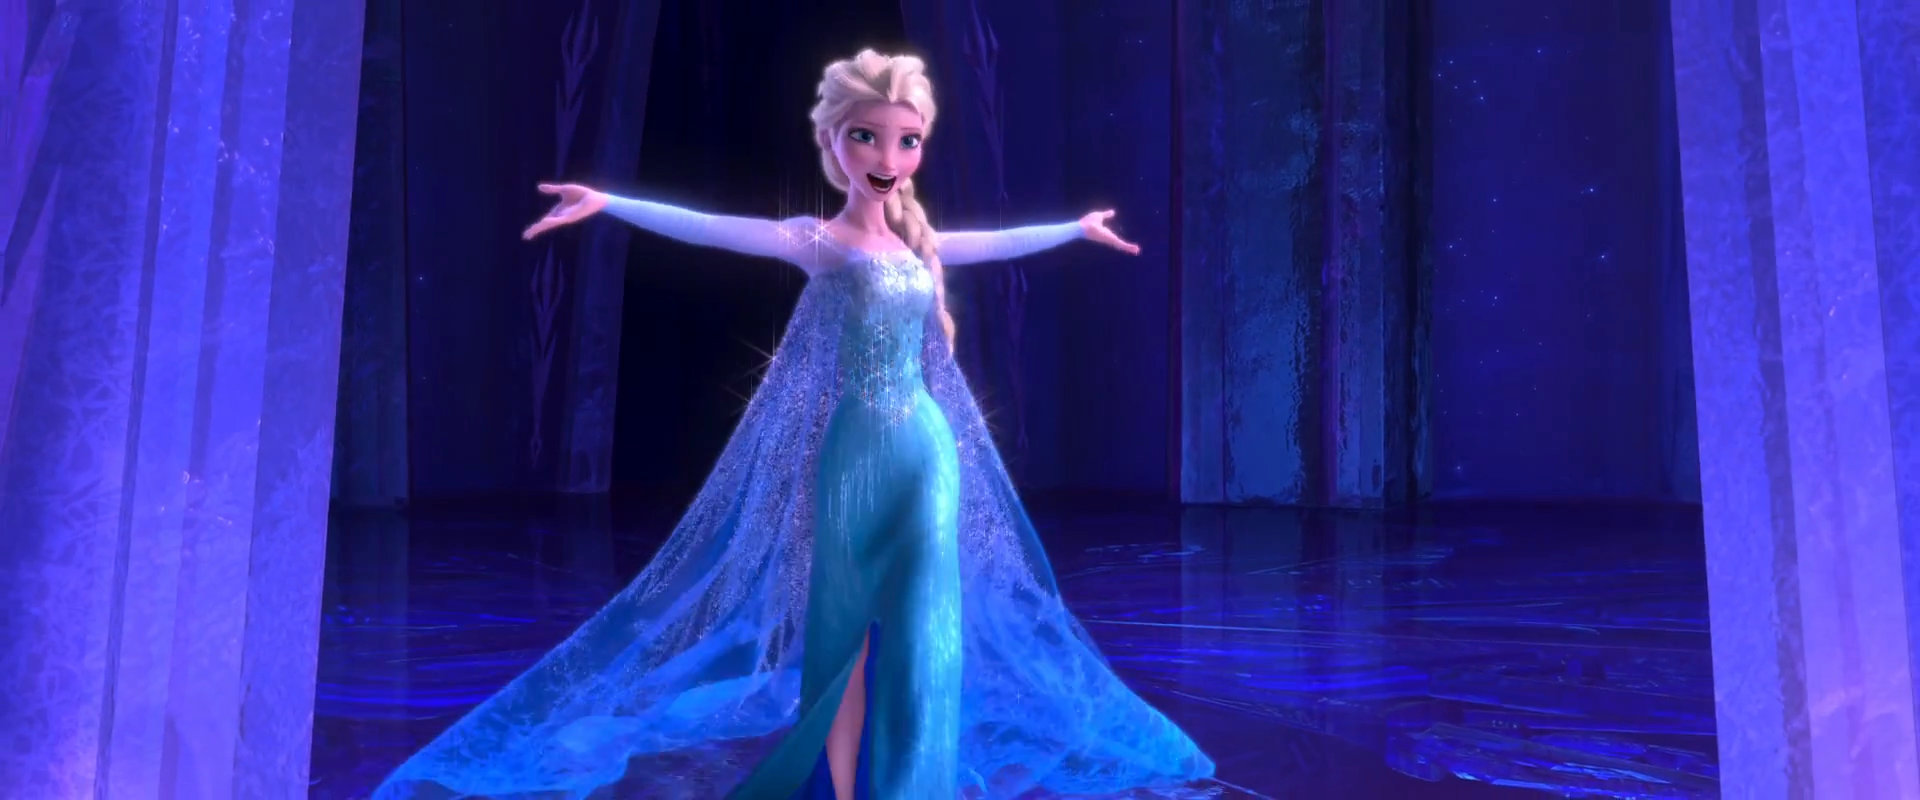 Frozen quotes let it go elsa frozen let it go2